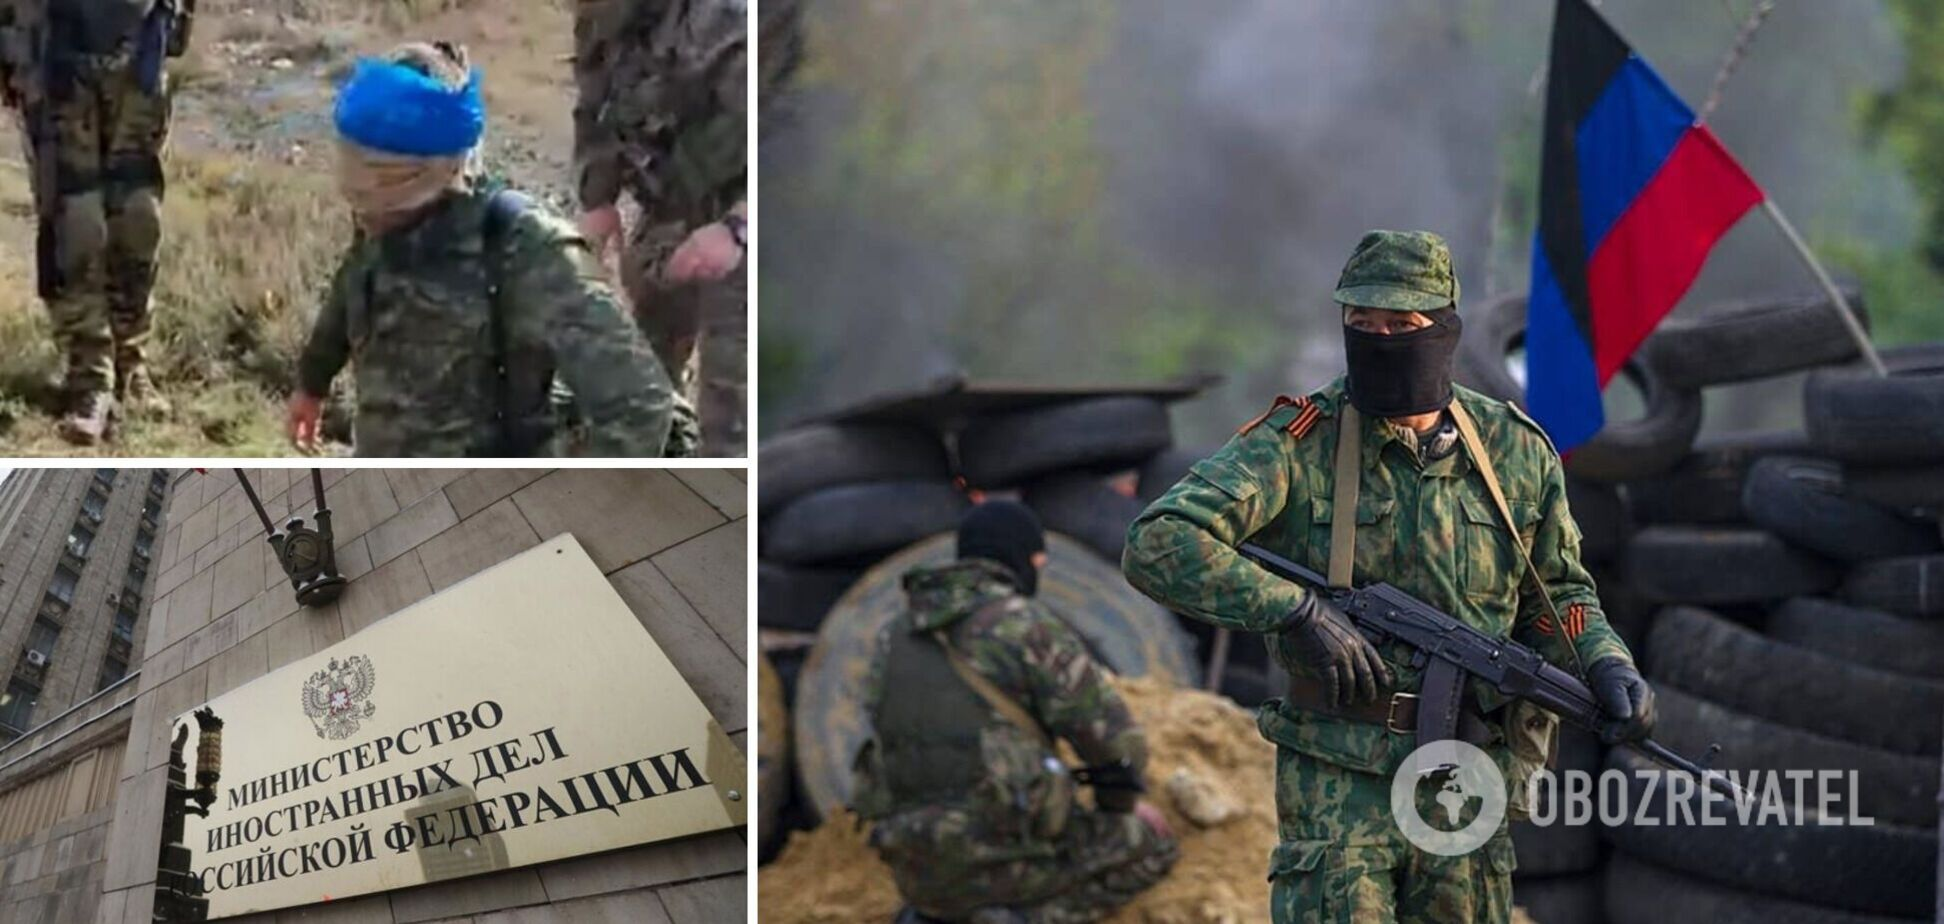 У ТКГ потролили МЗС РФ через зізнання про участь росіян у війні на Донбасі: тримайтеся, вам зараз непросто